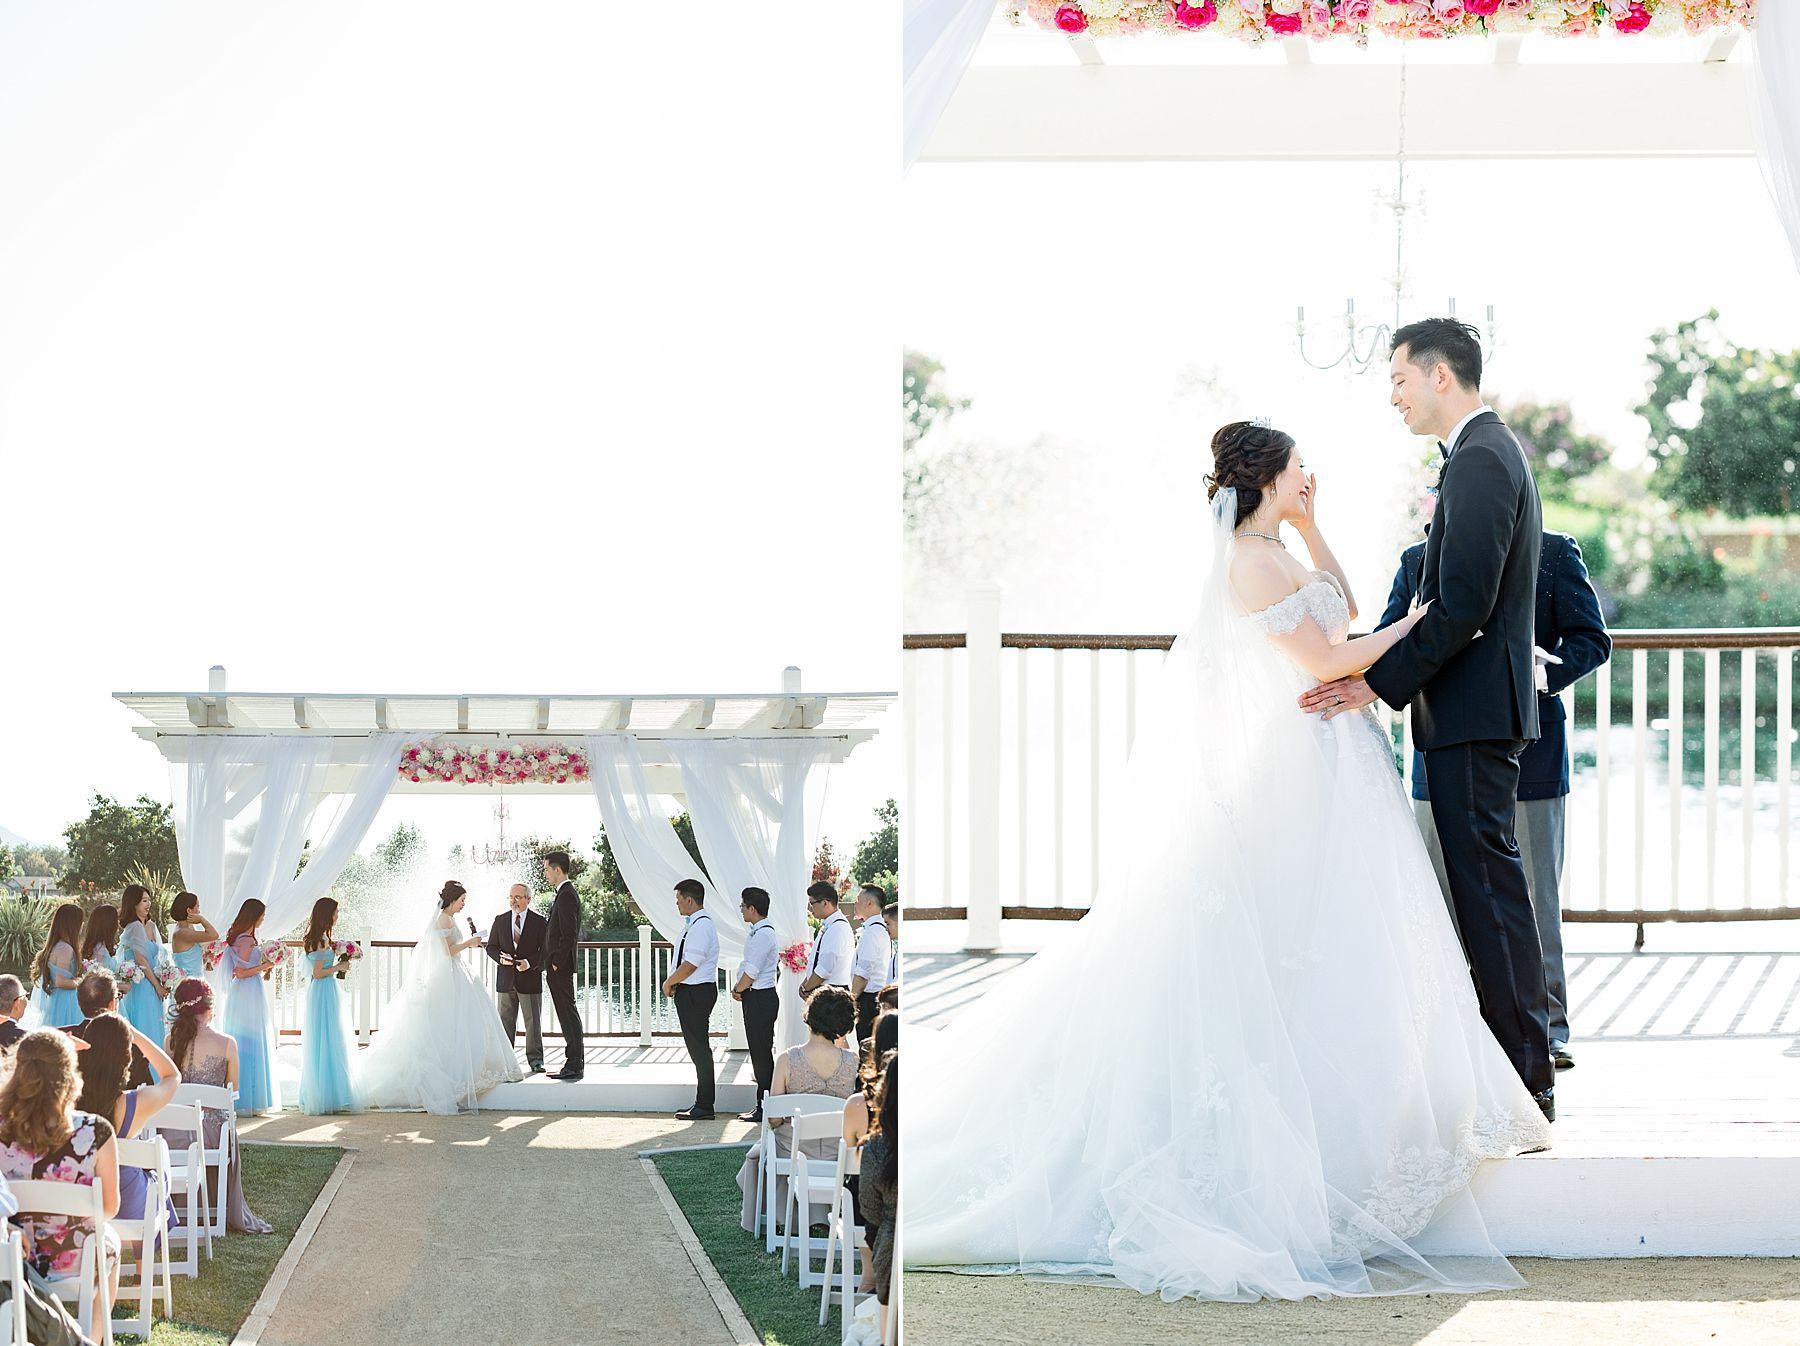 Newberry Estate Vineyards Wedding - Ashley Baumgartner - Jasmine and Johhny - Bay Area Wedding Photographer - Sacramento Wedding Photographer_0039.jpg